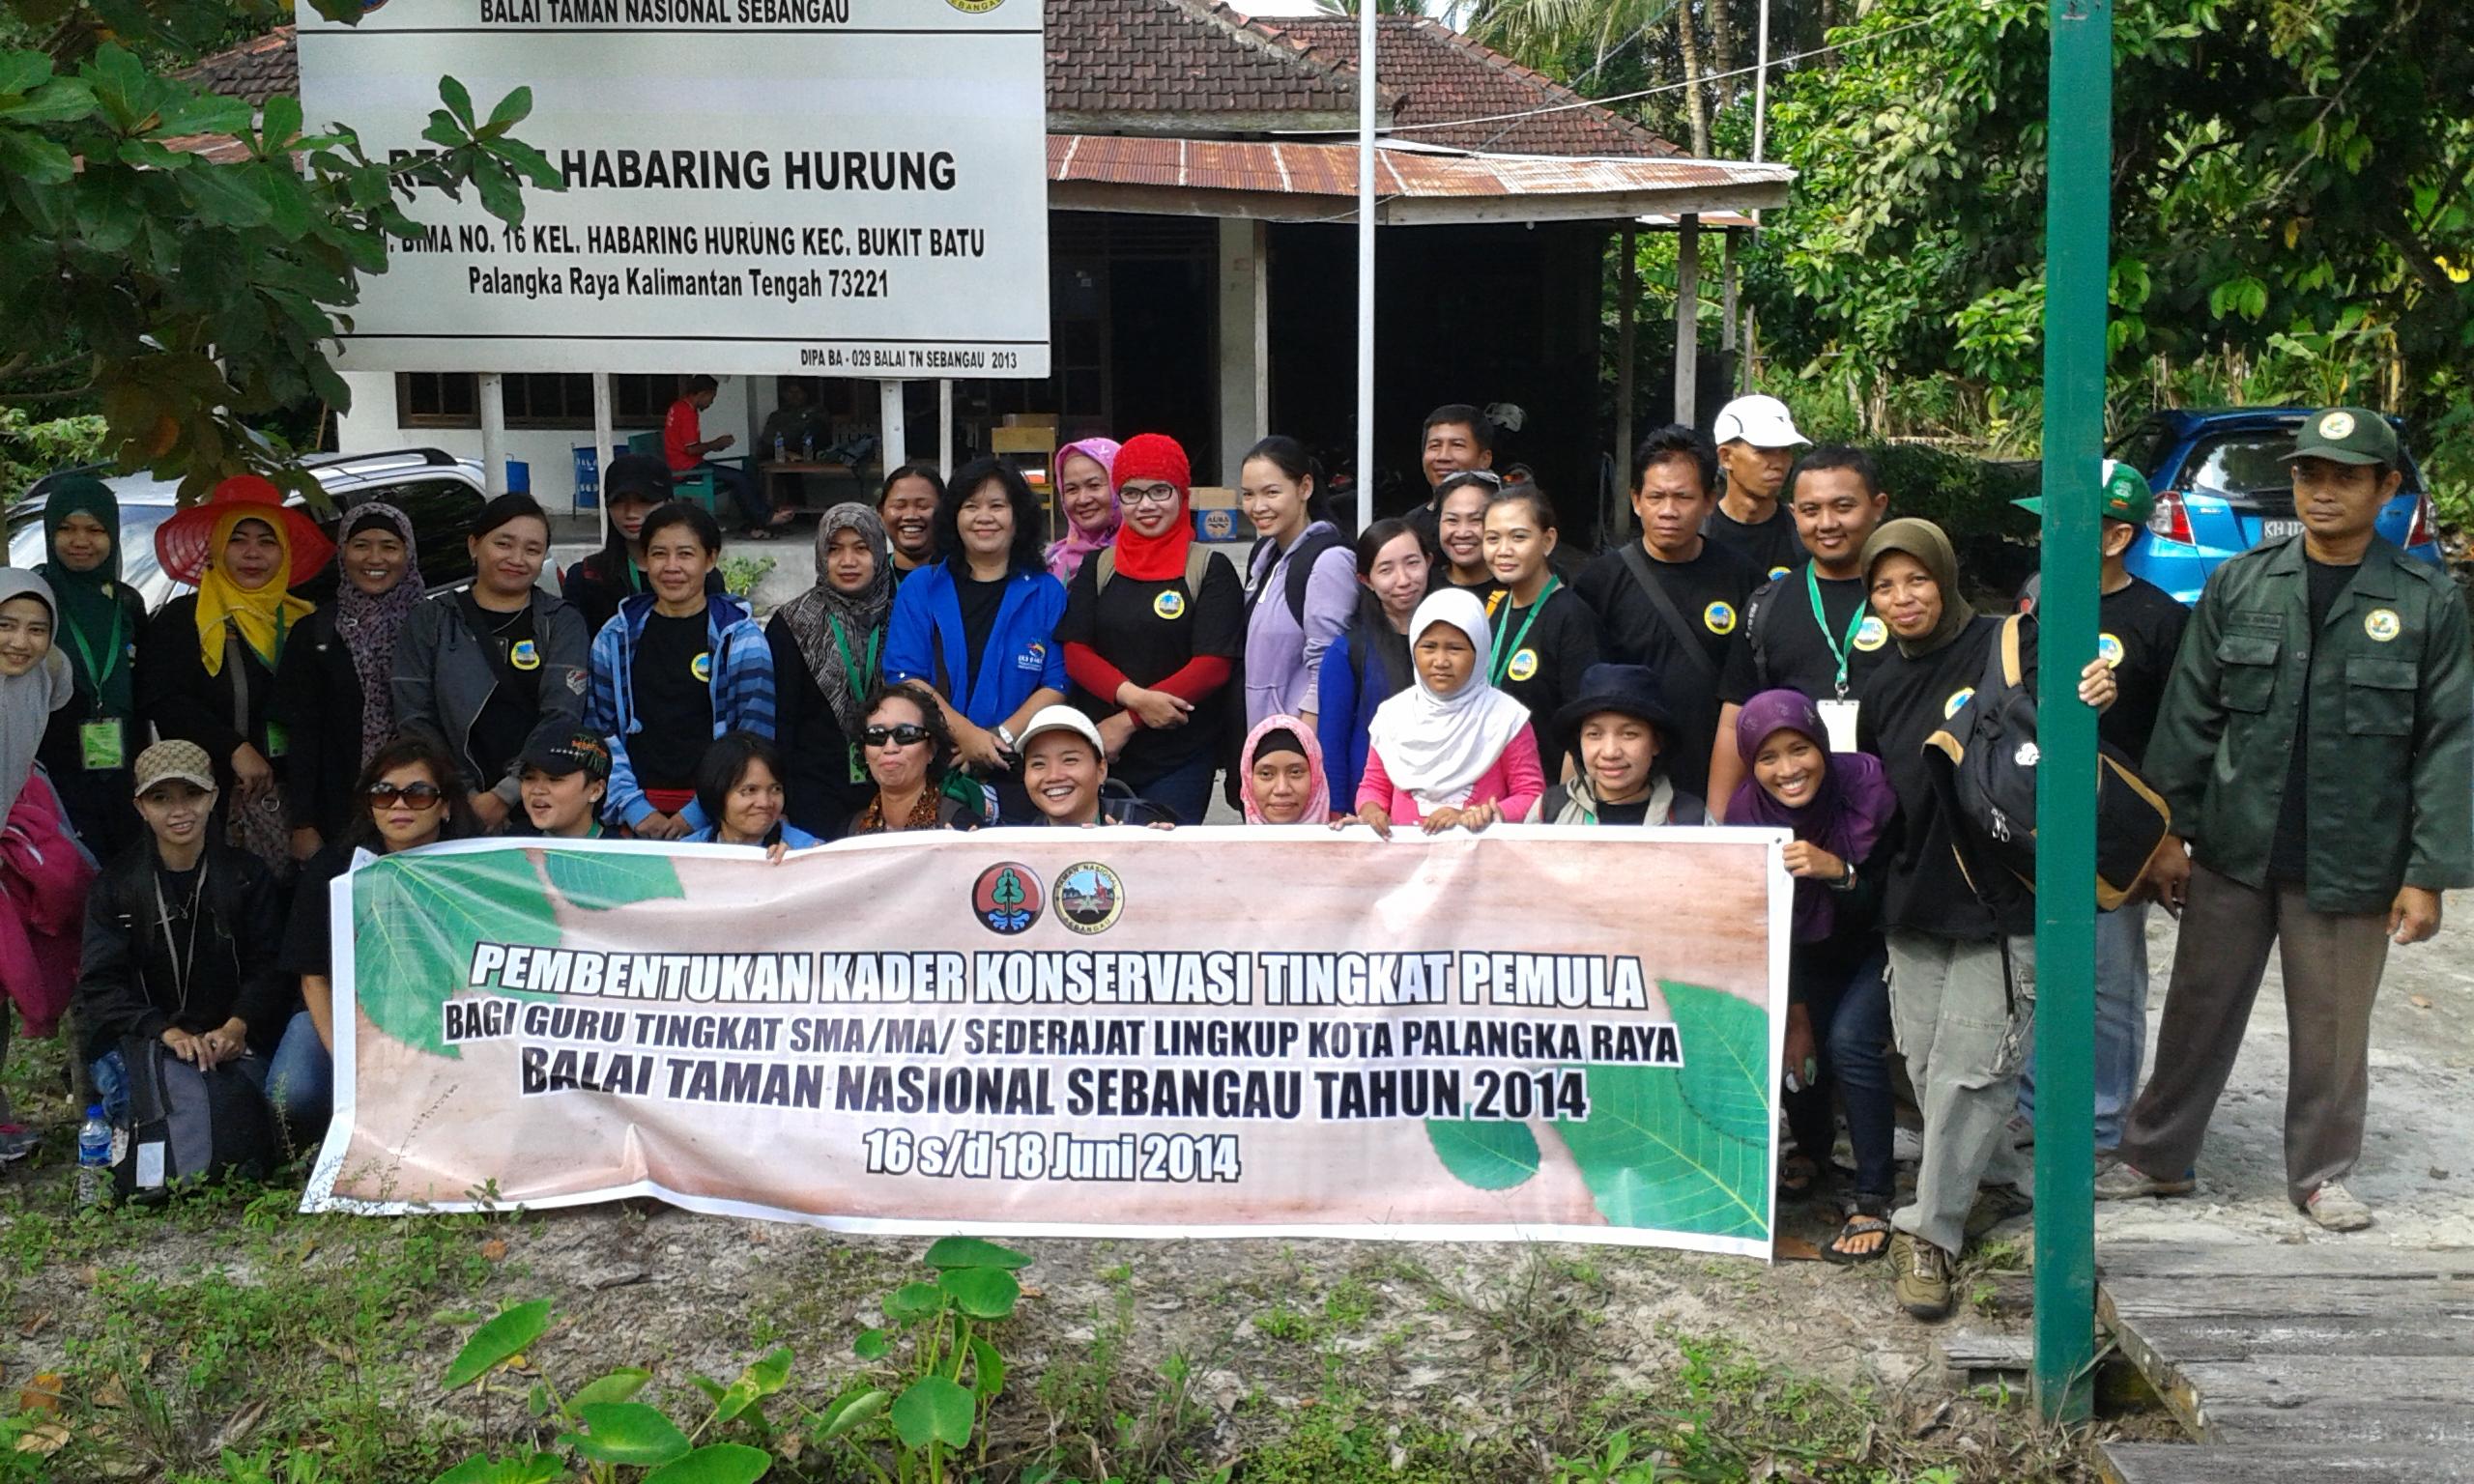 Pendampingan Guru Kader Konservasi Bersama Tn Sebangau Fakultas Semoga Kerjasama